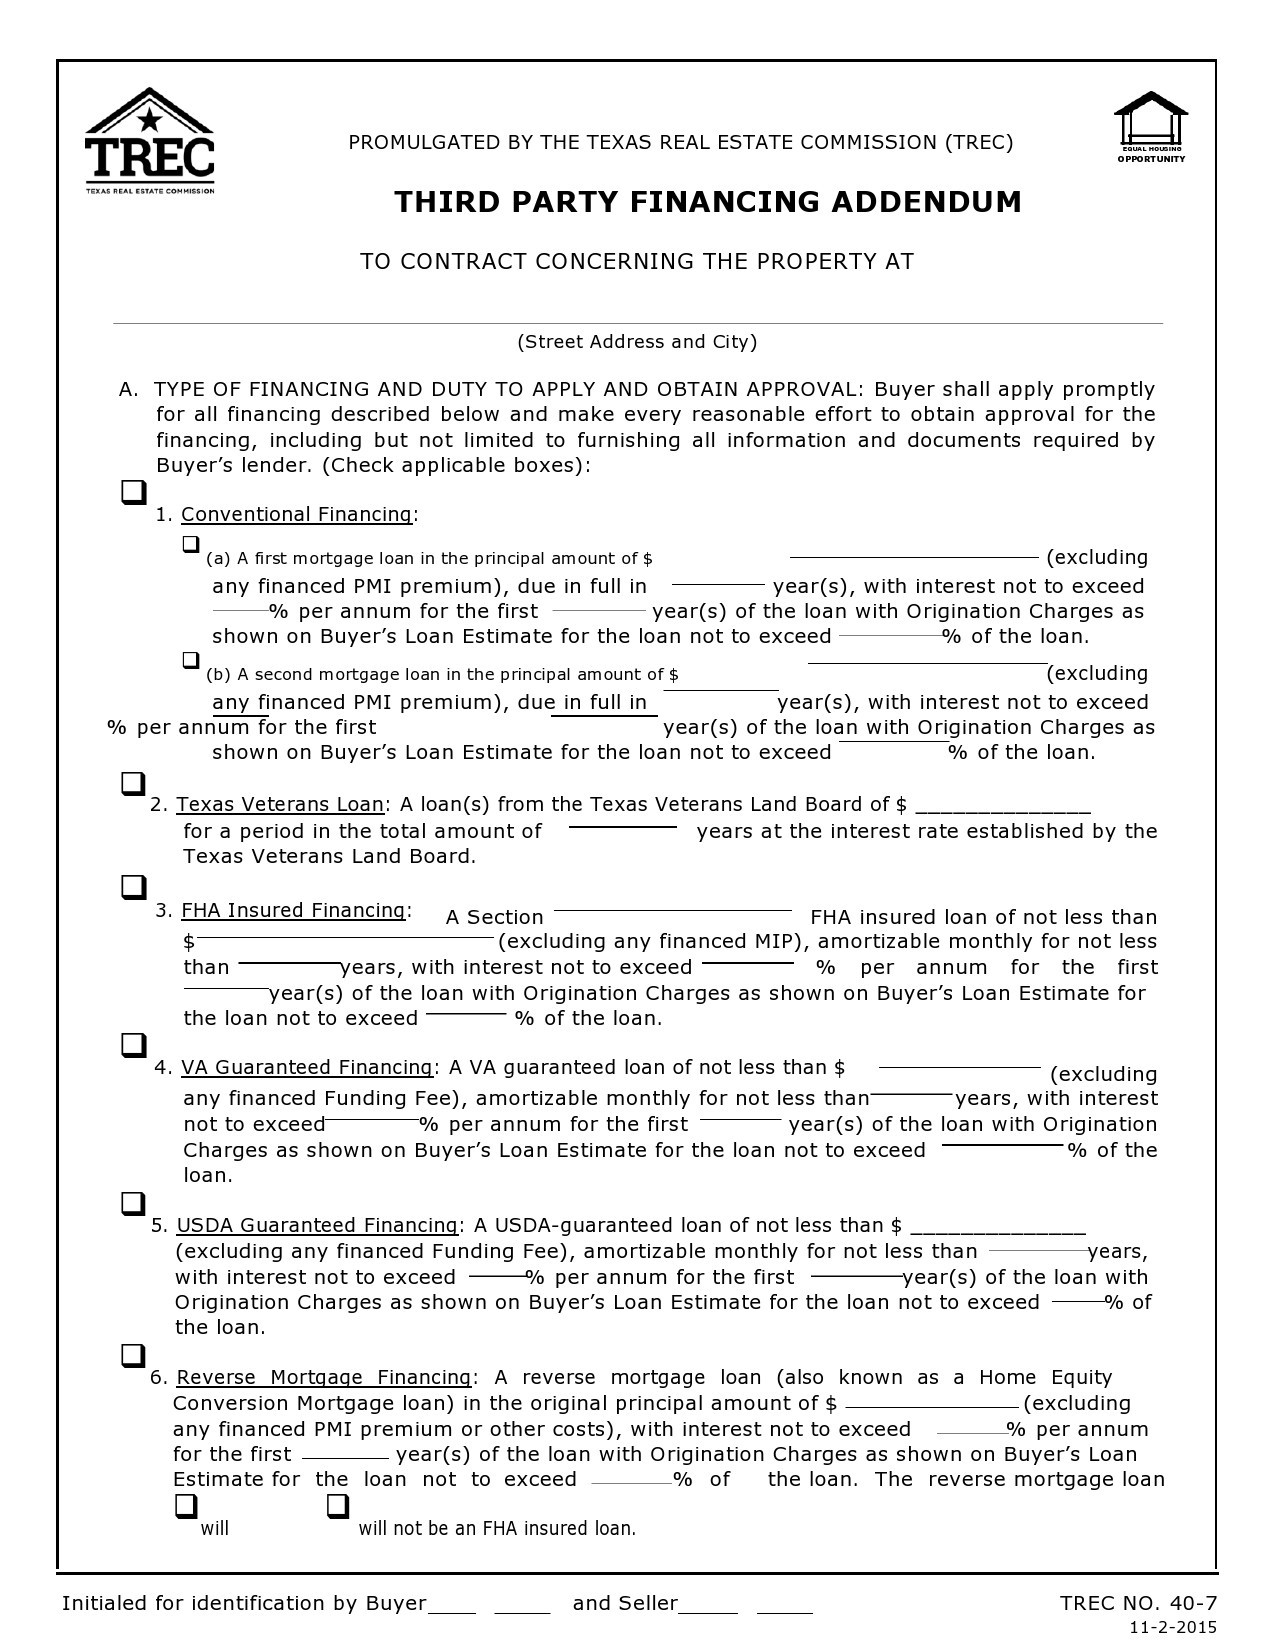 Free third party financing addendum 02